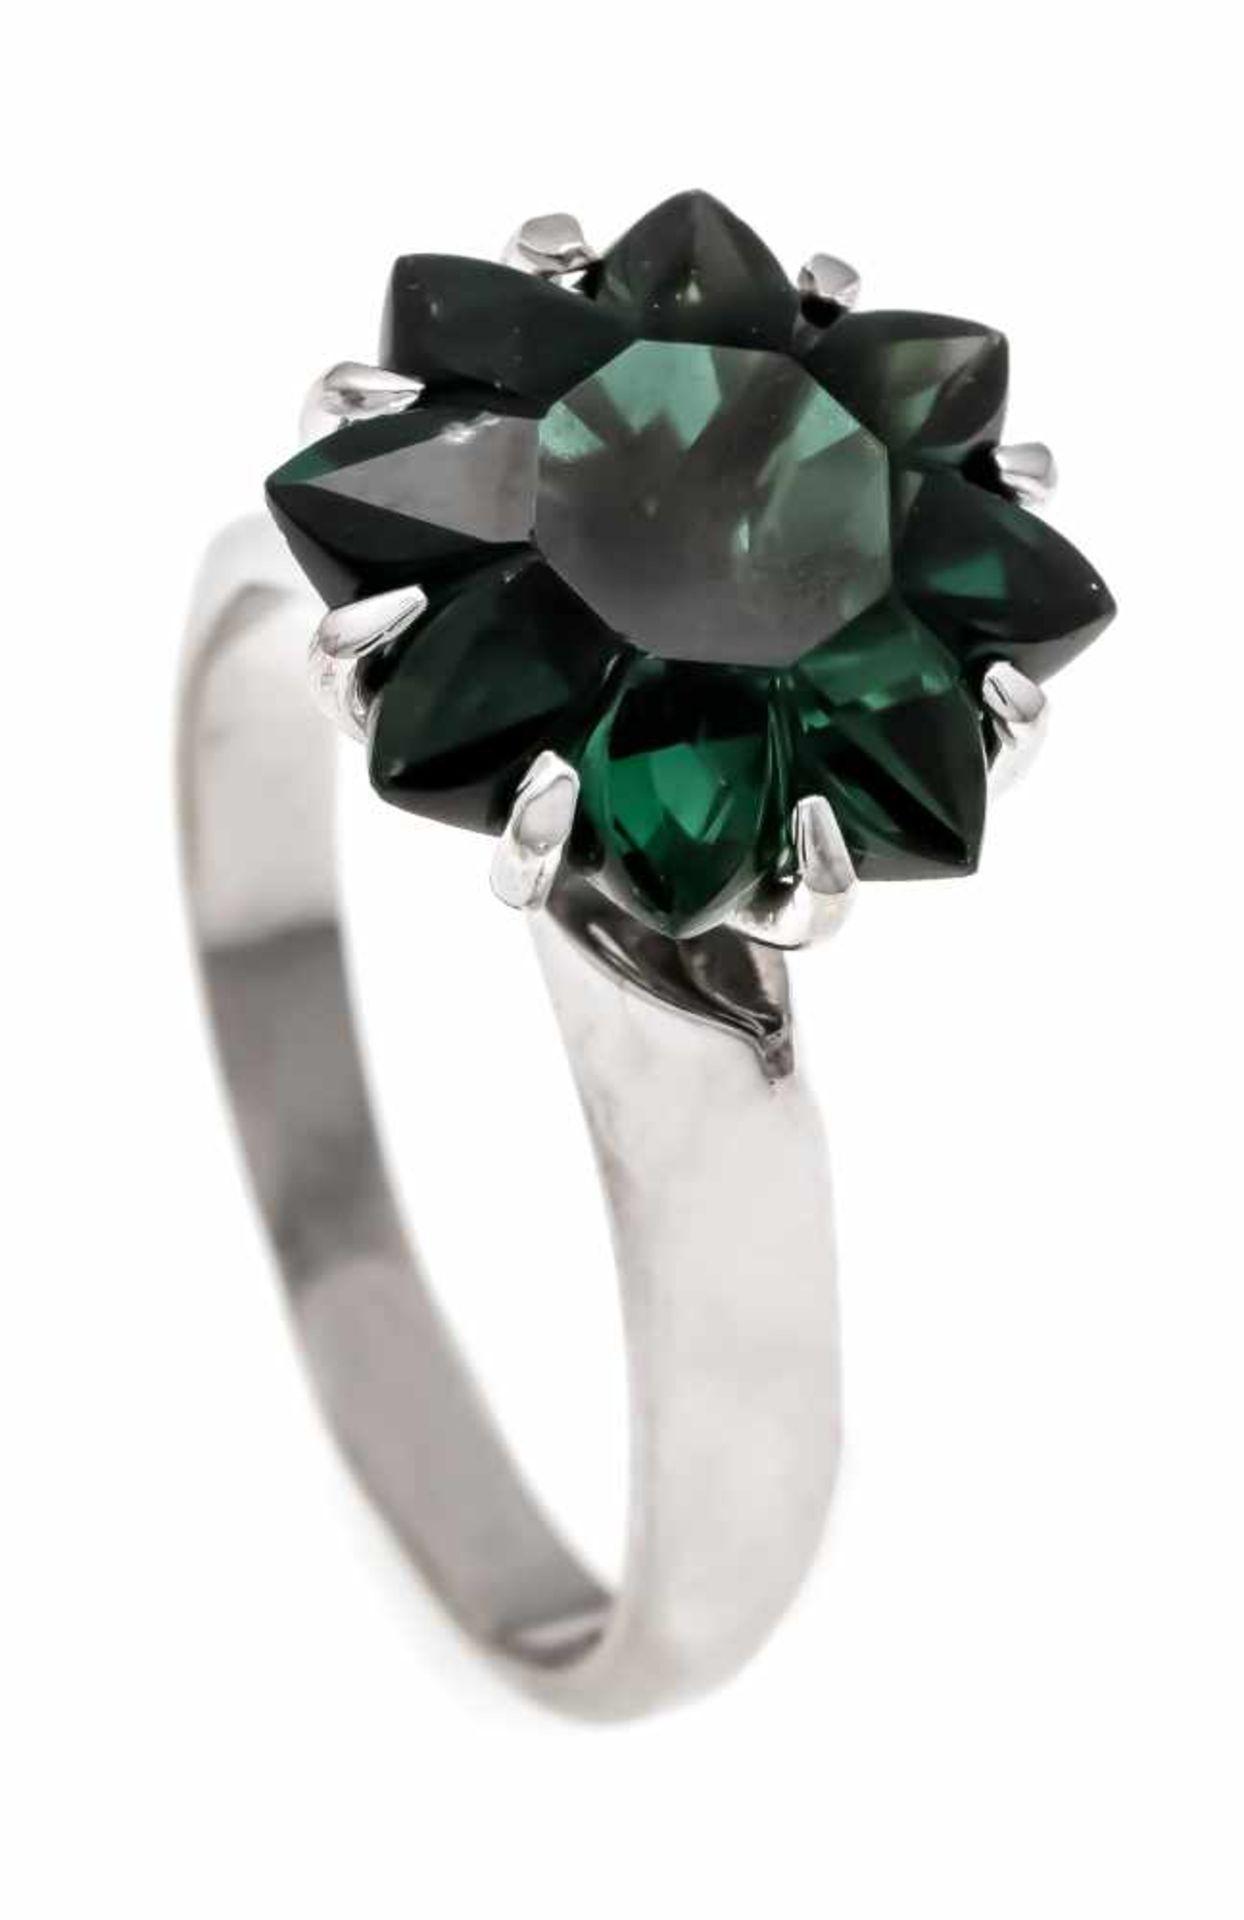 Edelstein-Ring WG 585/000 mit einem im Fantasieschliff fac. grünen Edelstein 13 mm, RG 53,4,9